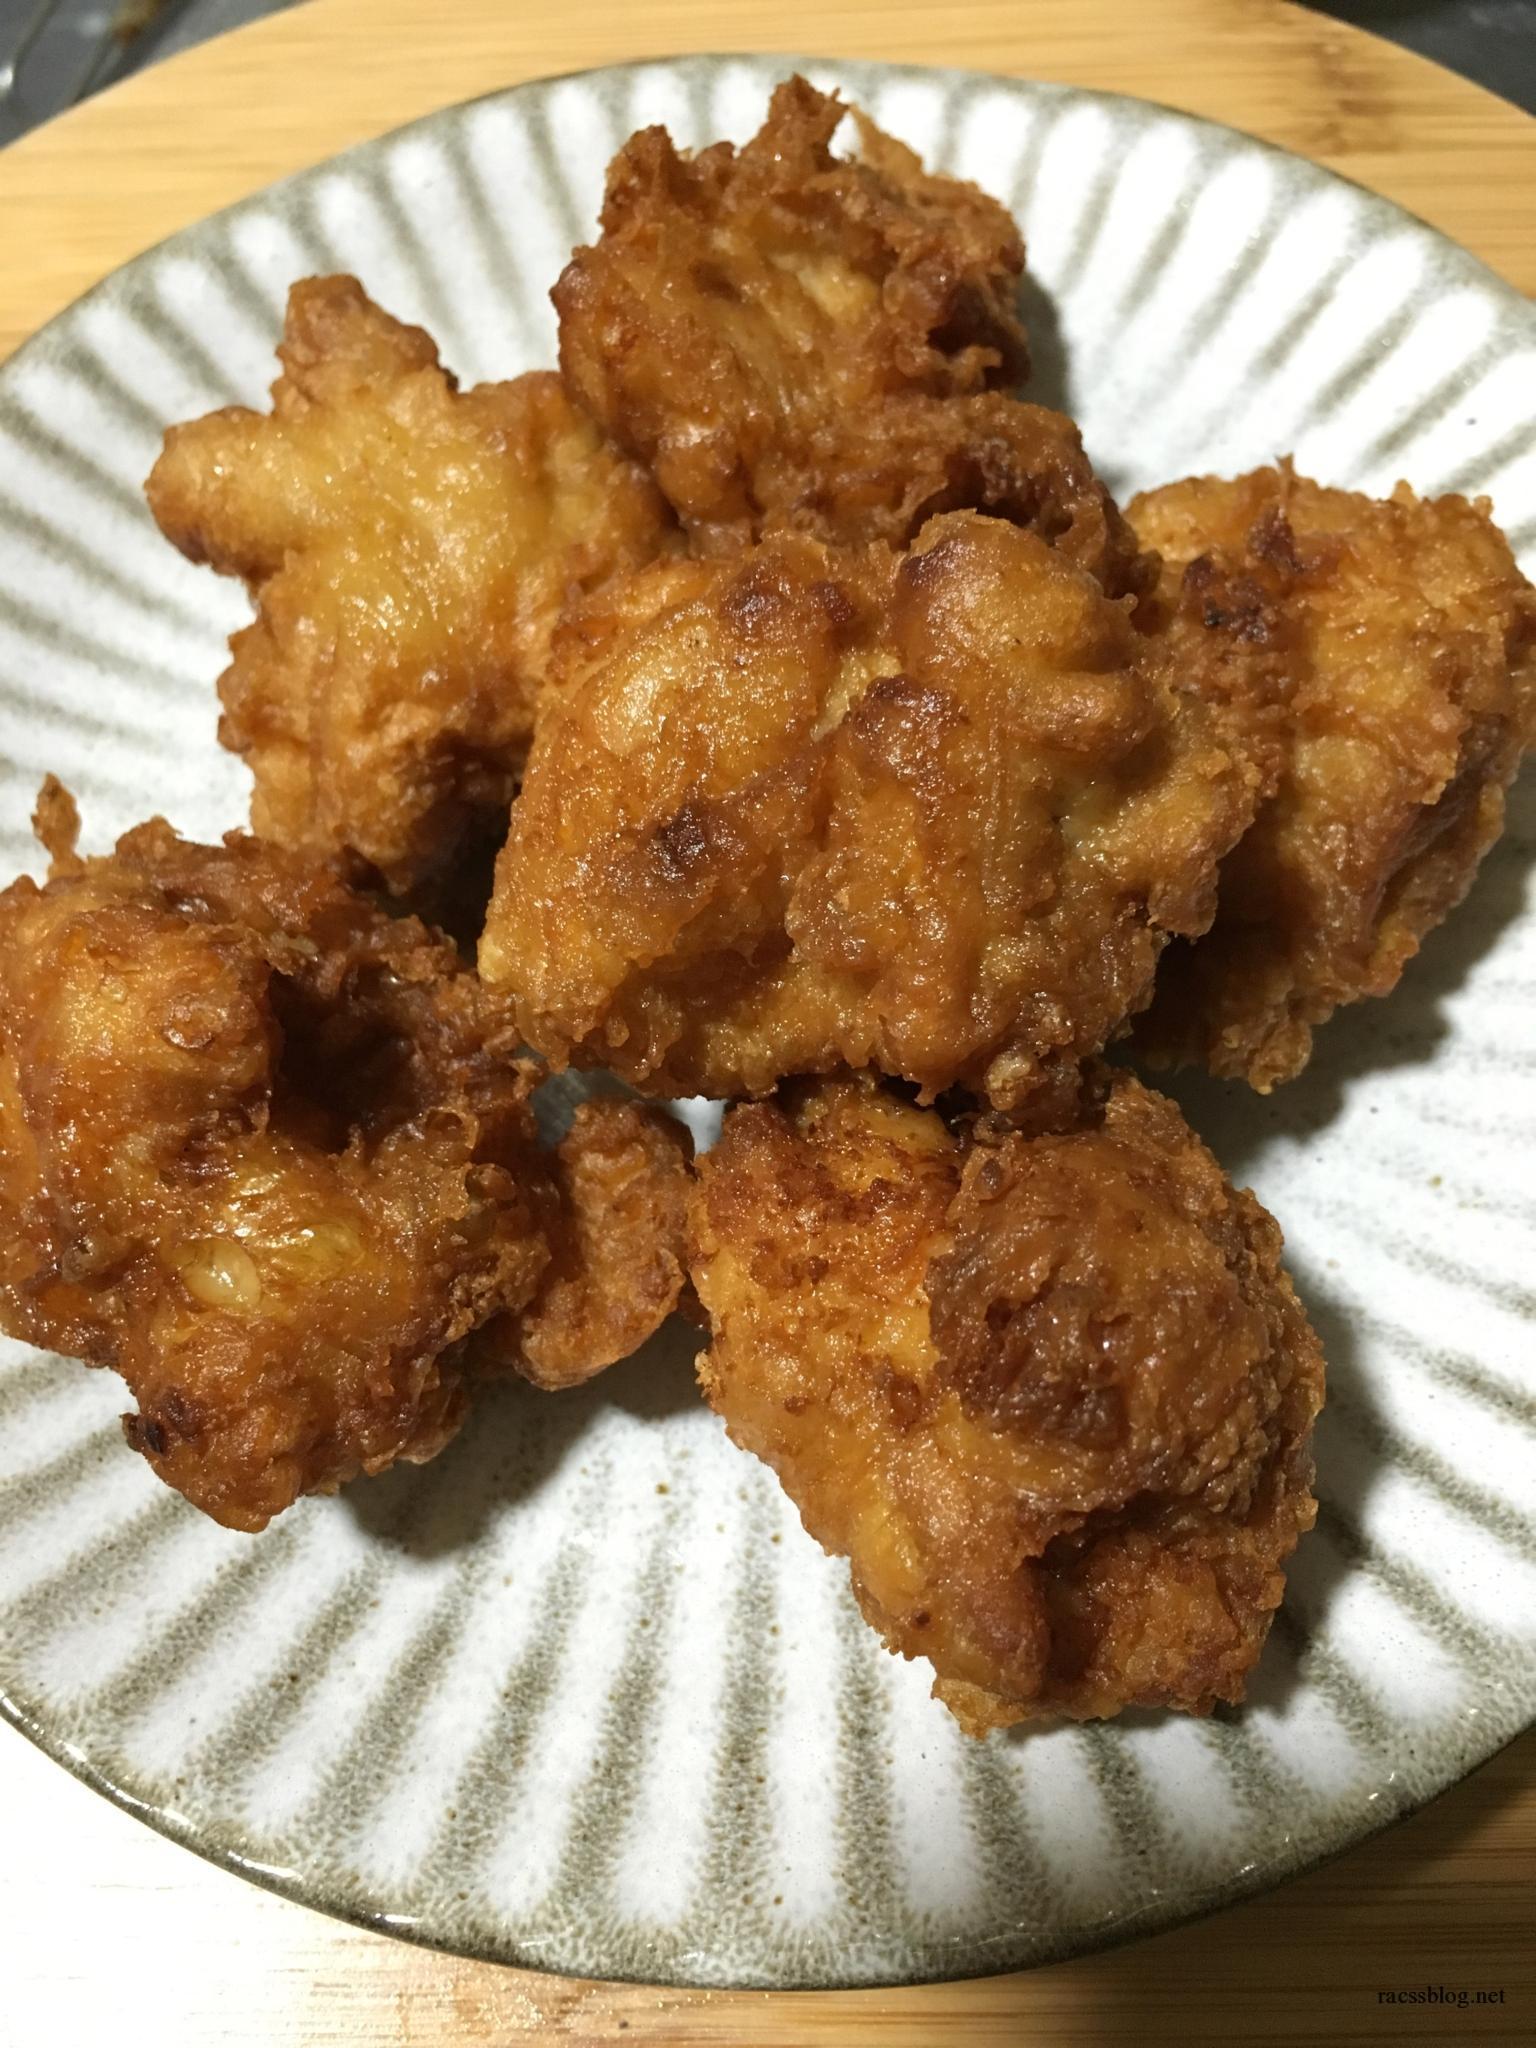 北海道名物ザンギの作り方!から揚げとの違いとは